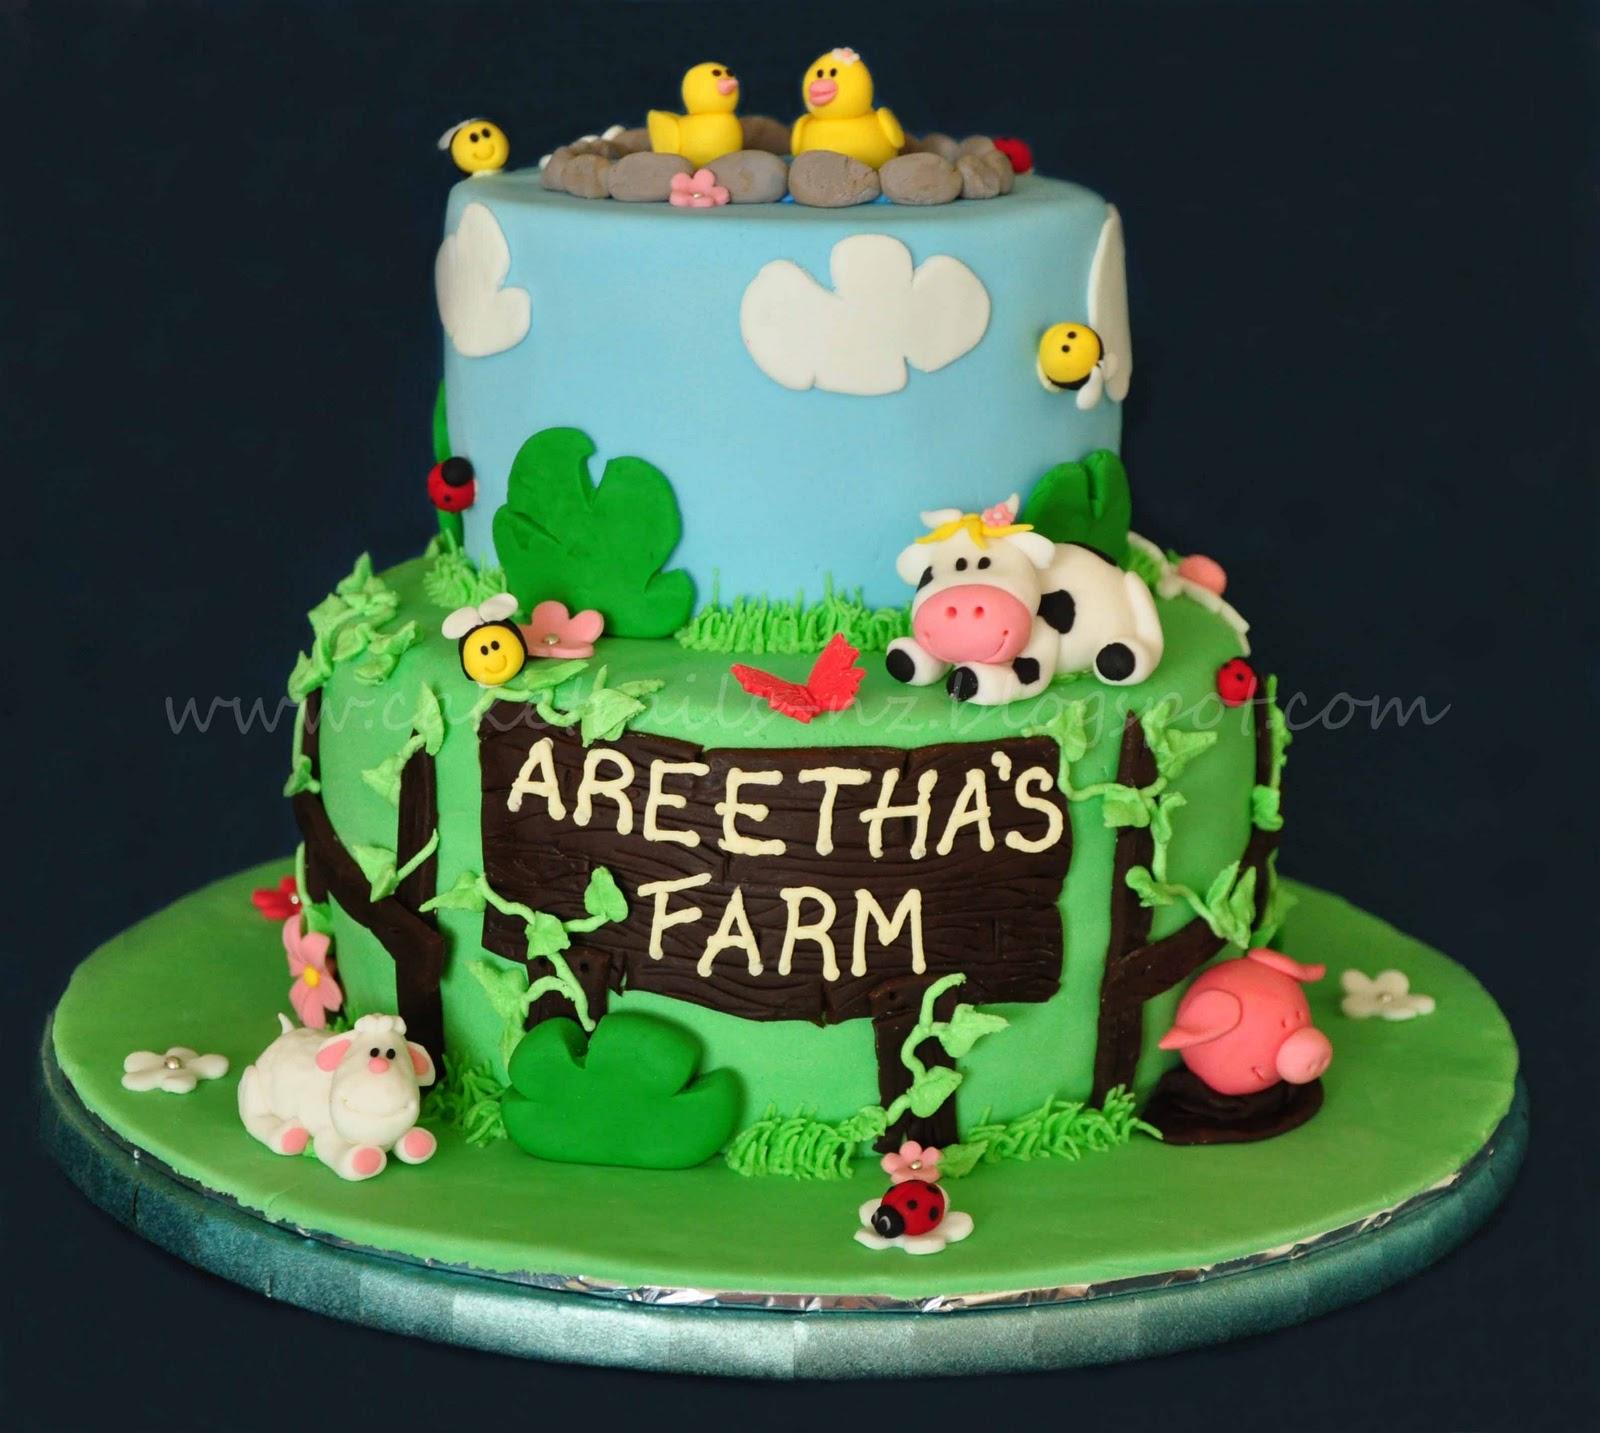 Cake Trails Farm Cake